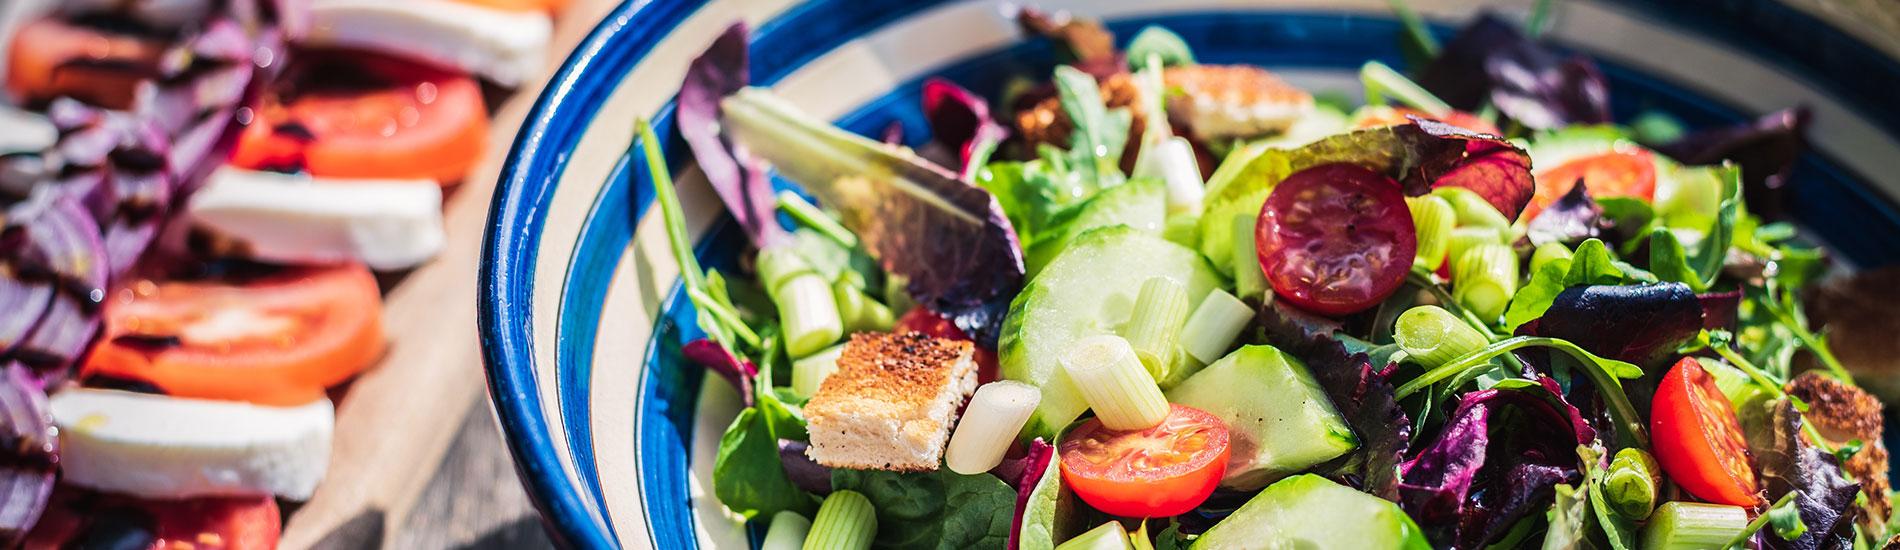 Σαλάτες: η υγιεινή απόλαυση του καλοκαιριού